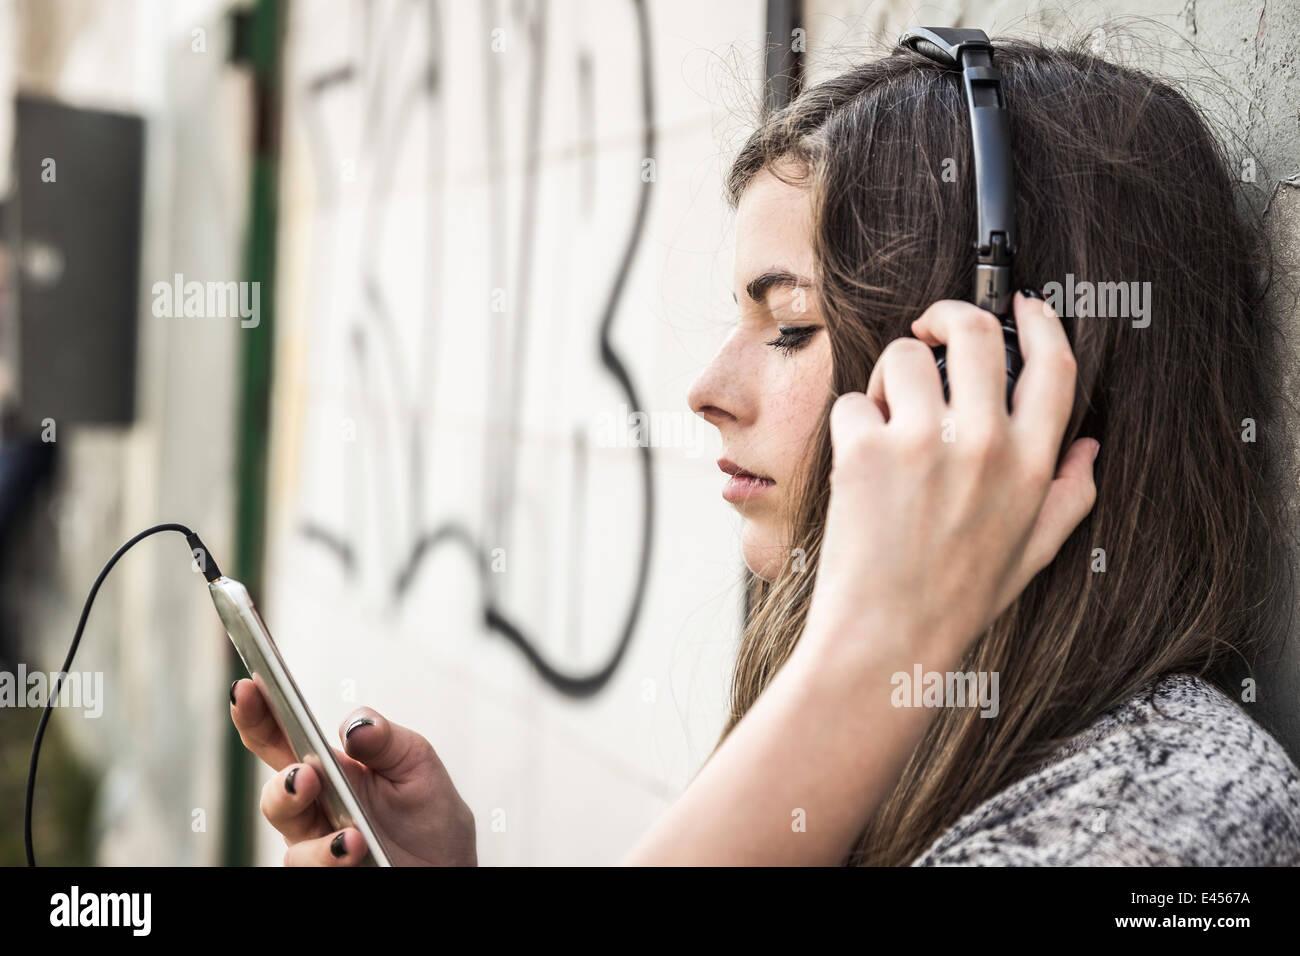 Ragazza ascoltare musica sullo smartphone Immagini Stock